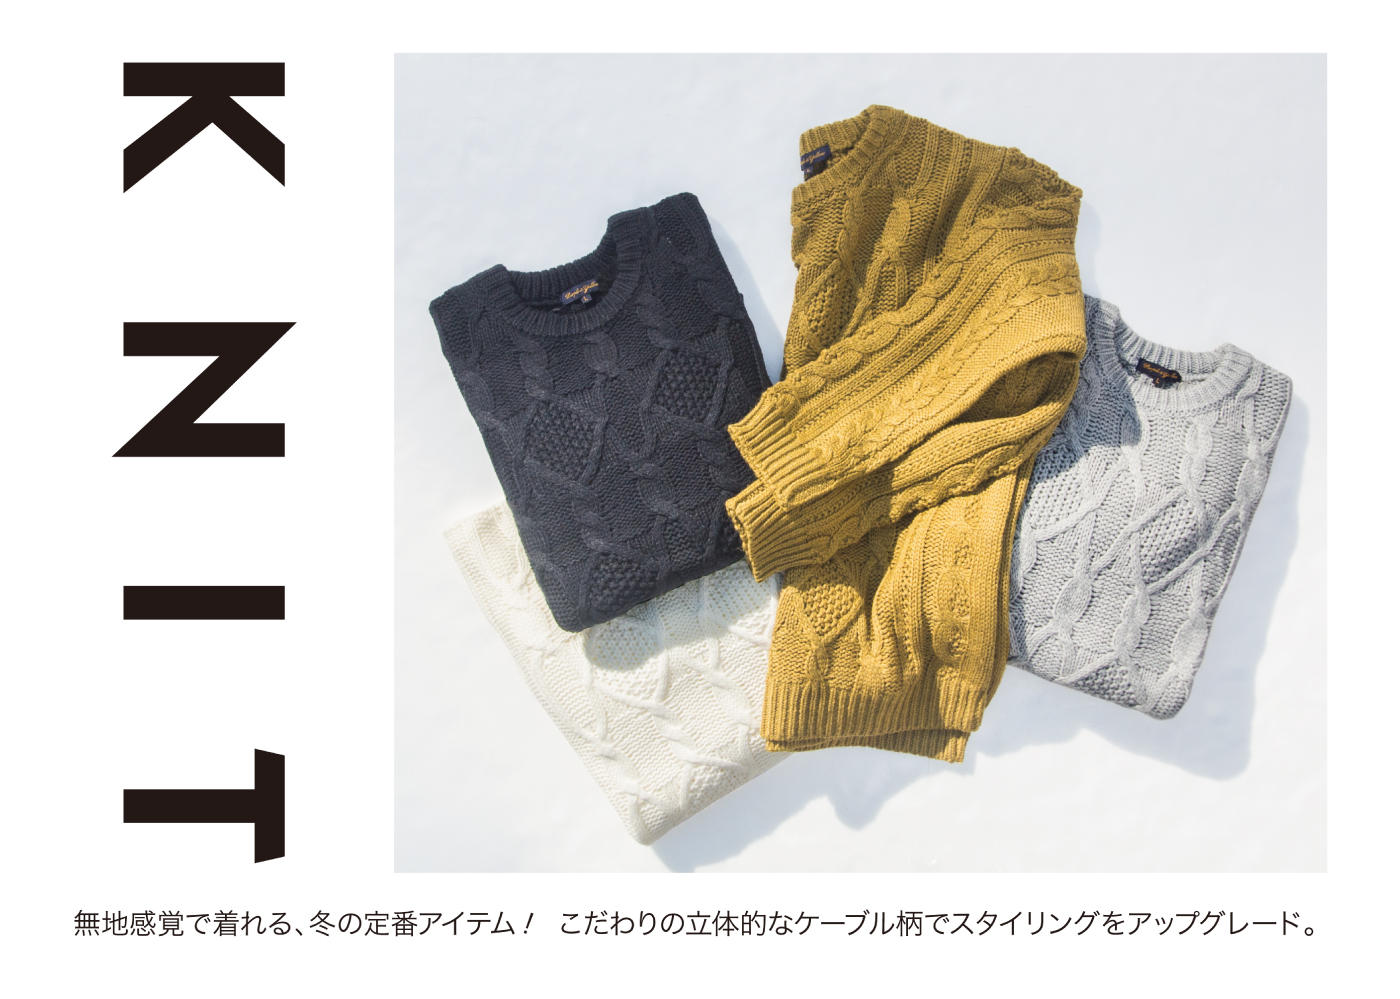 FFSfeature_banner_P&Y12月カタログ_slice_03.jpg